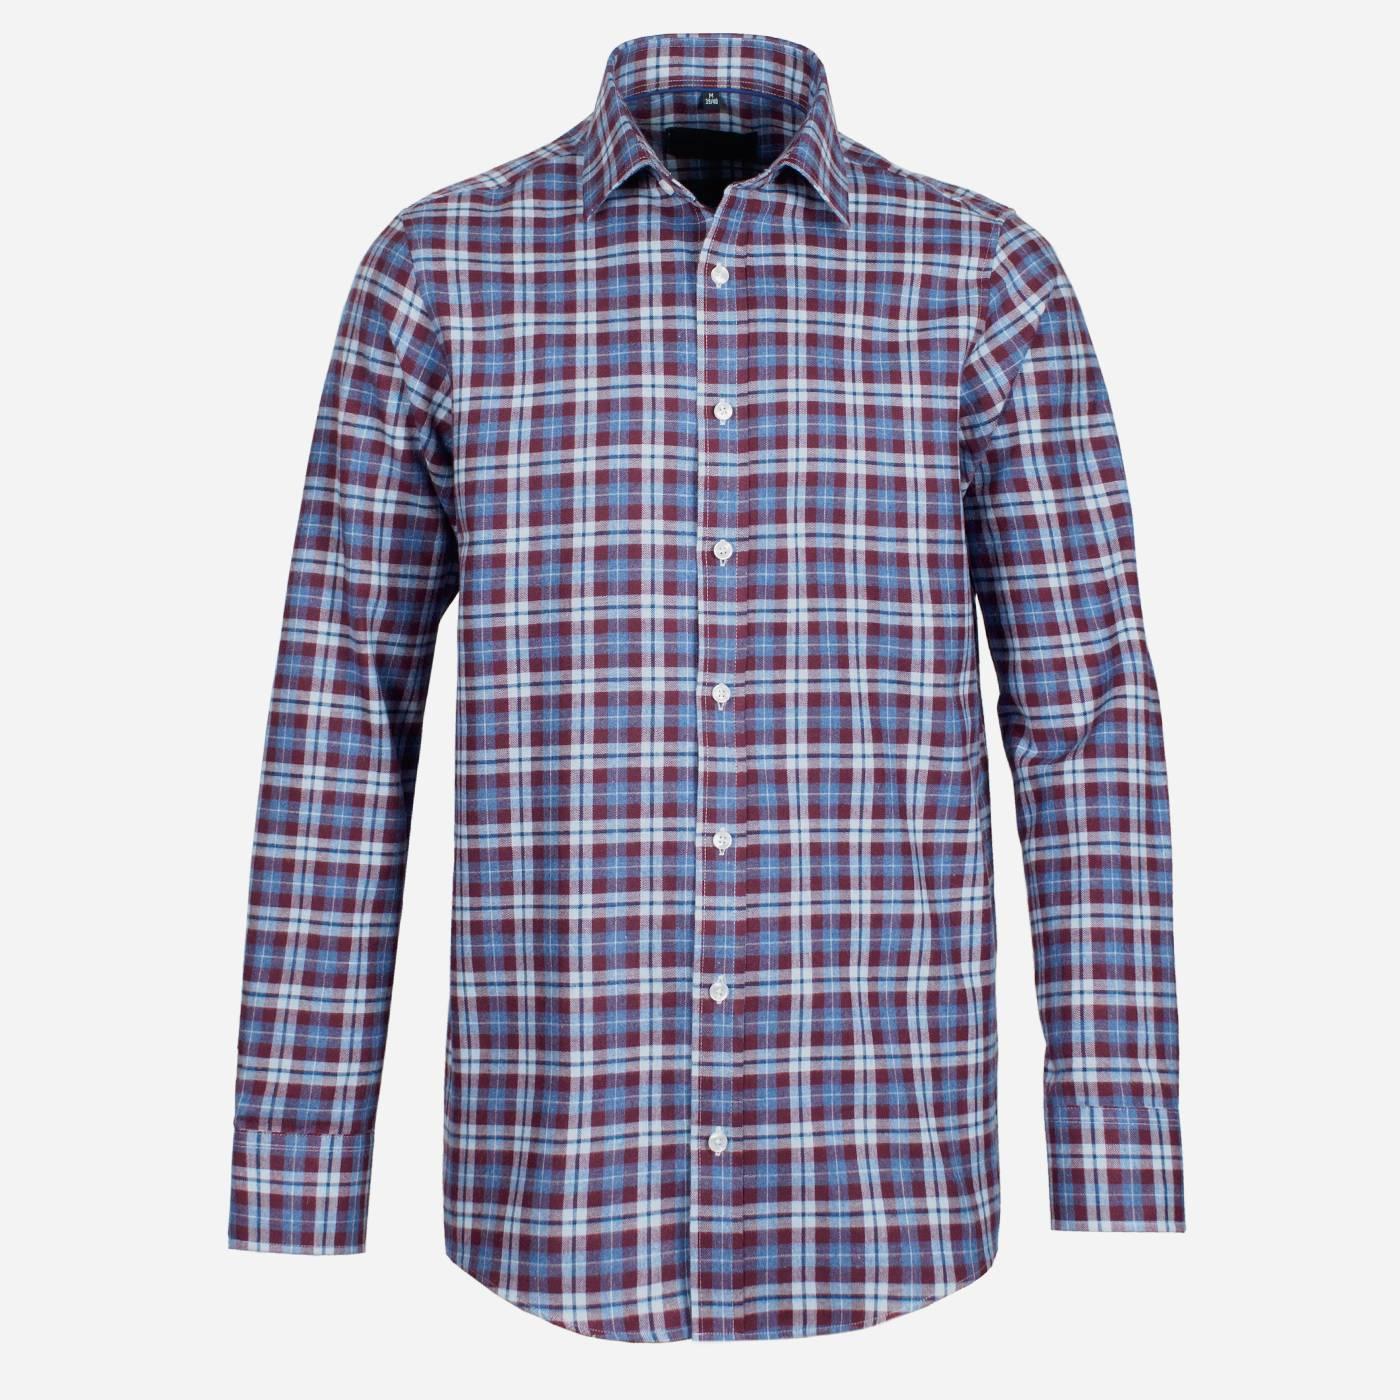 STEVULA Flanelová pánska košeľa, Regular fit Veľkosť: XXL 45/46